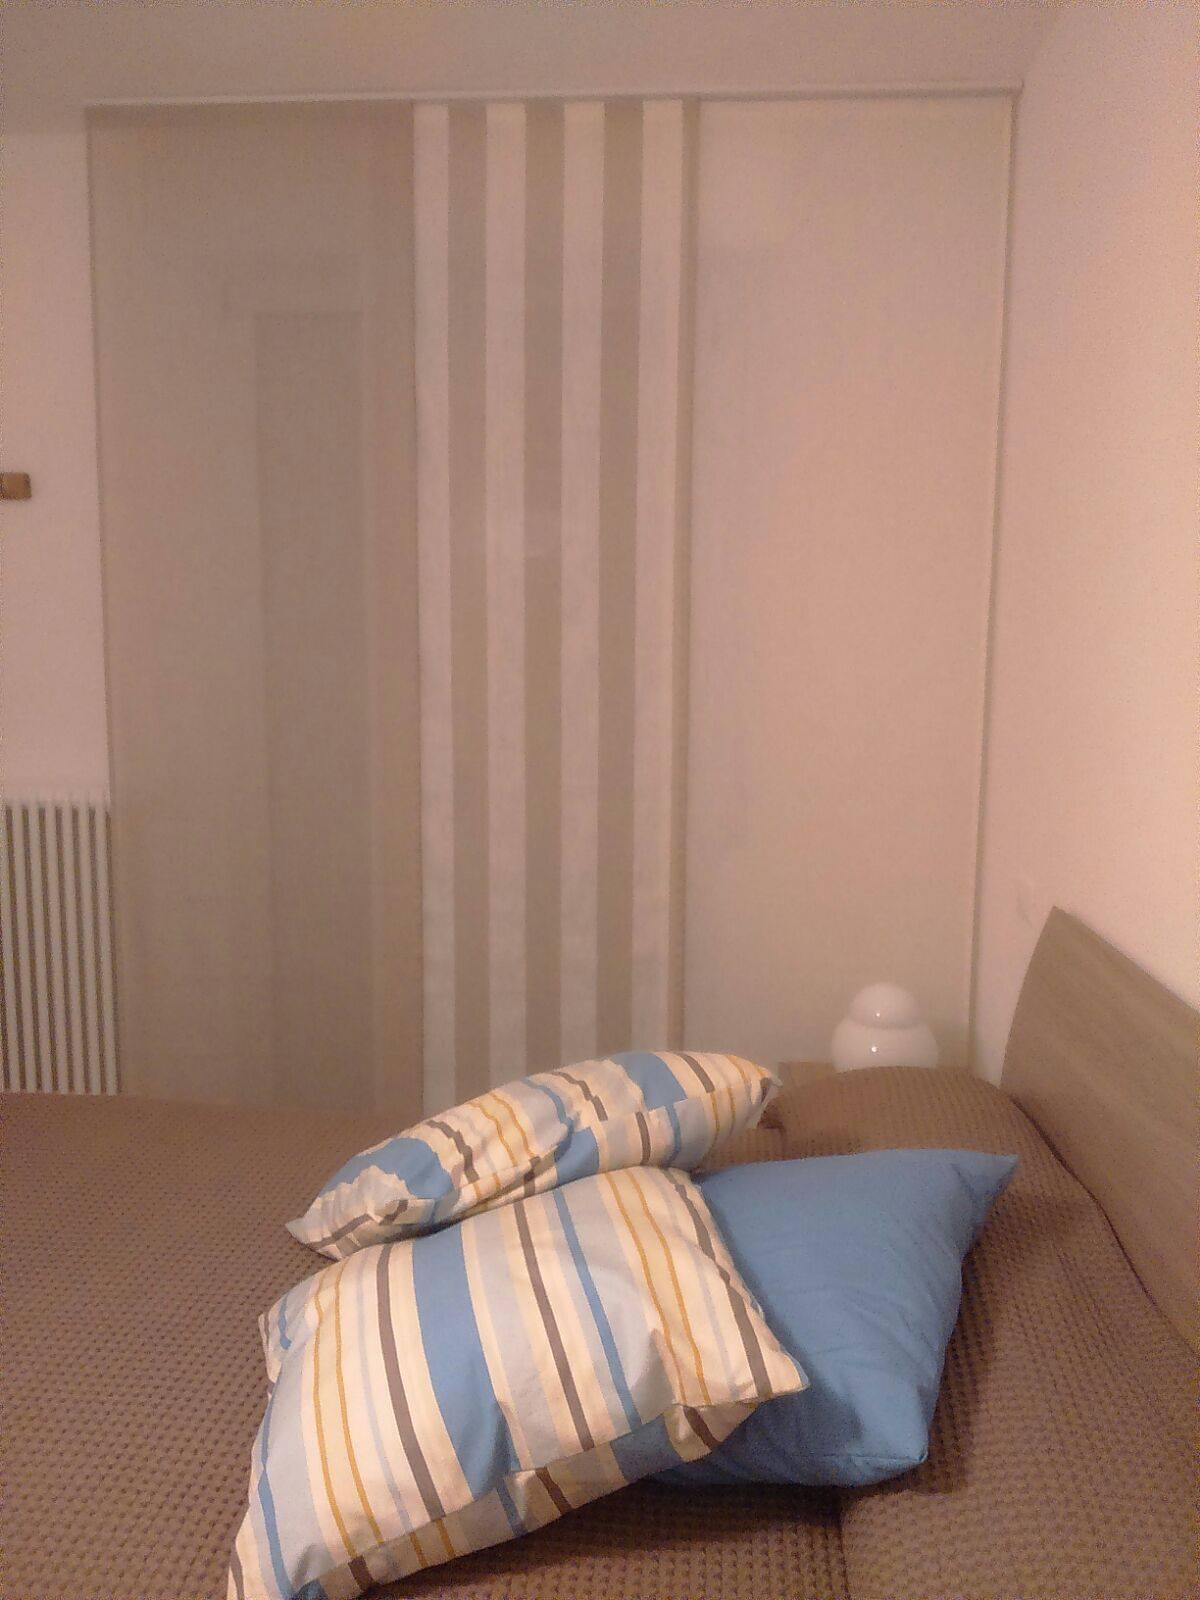 tende a pannello in puro lino coordinate con cuscini e copriletto 1